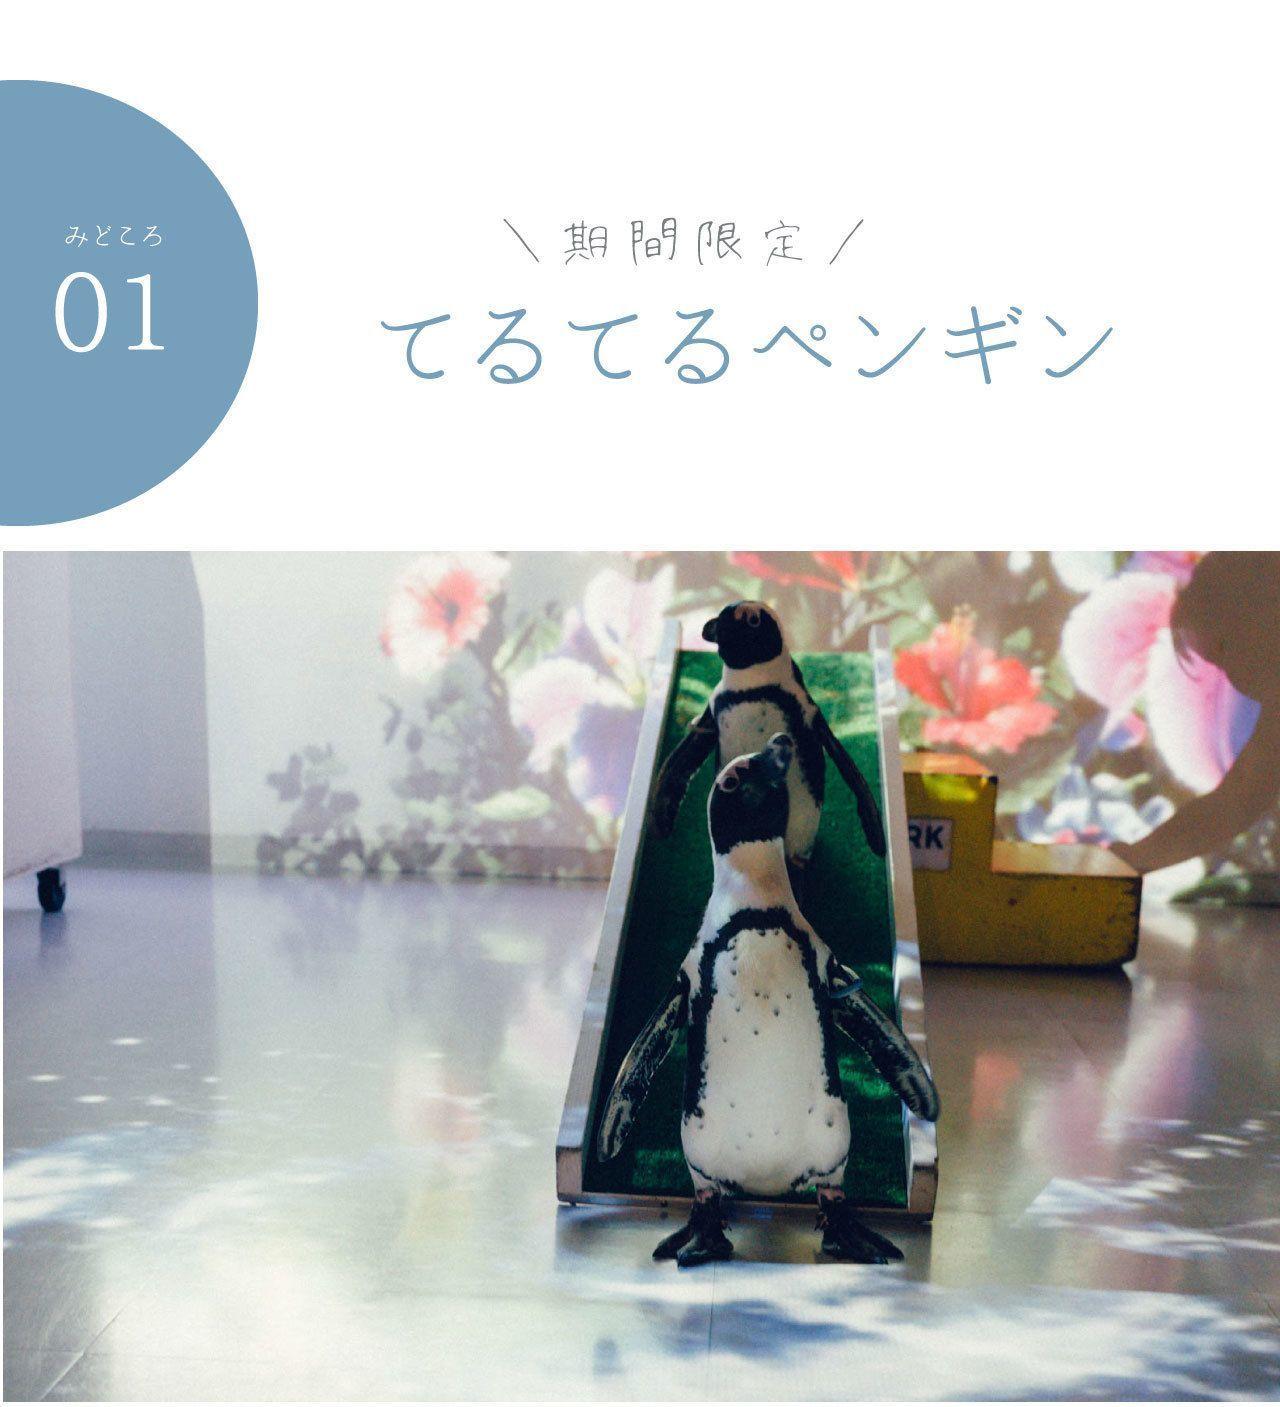 6:00pmに待ち合わせ。今日の主役は、彼と私と、時々、ペンギンの4枚目の画像